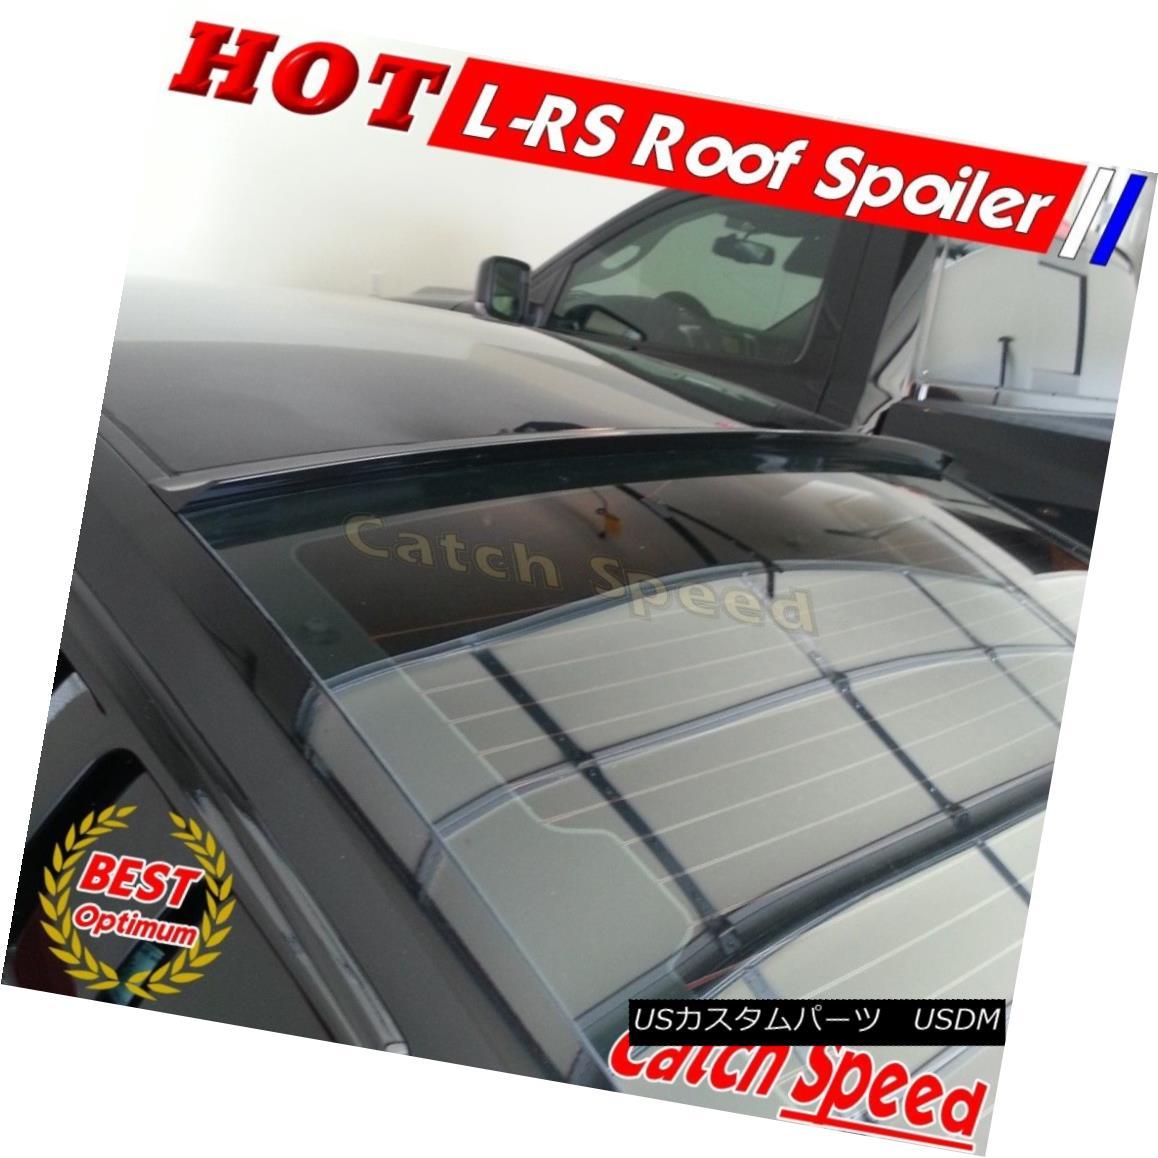 エアロパーツ Flat Black LRS Type Rear Roof Spoiler For KIA Forte LPI Hybrid Coupe 2009-2013 ? KIA Forte LPI Hybrid Coupe 2009-2013のフラットブラックLRSタイプリアルーフスポイラー?